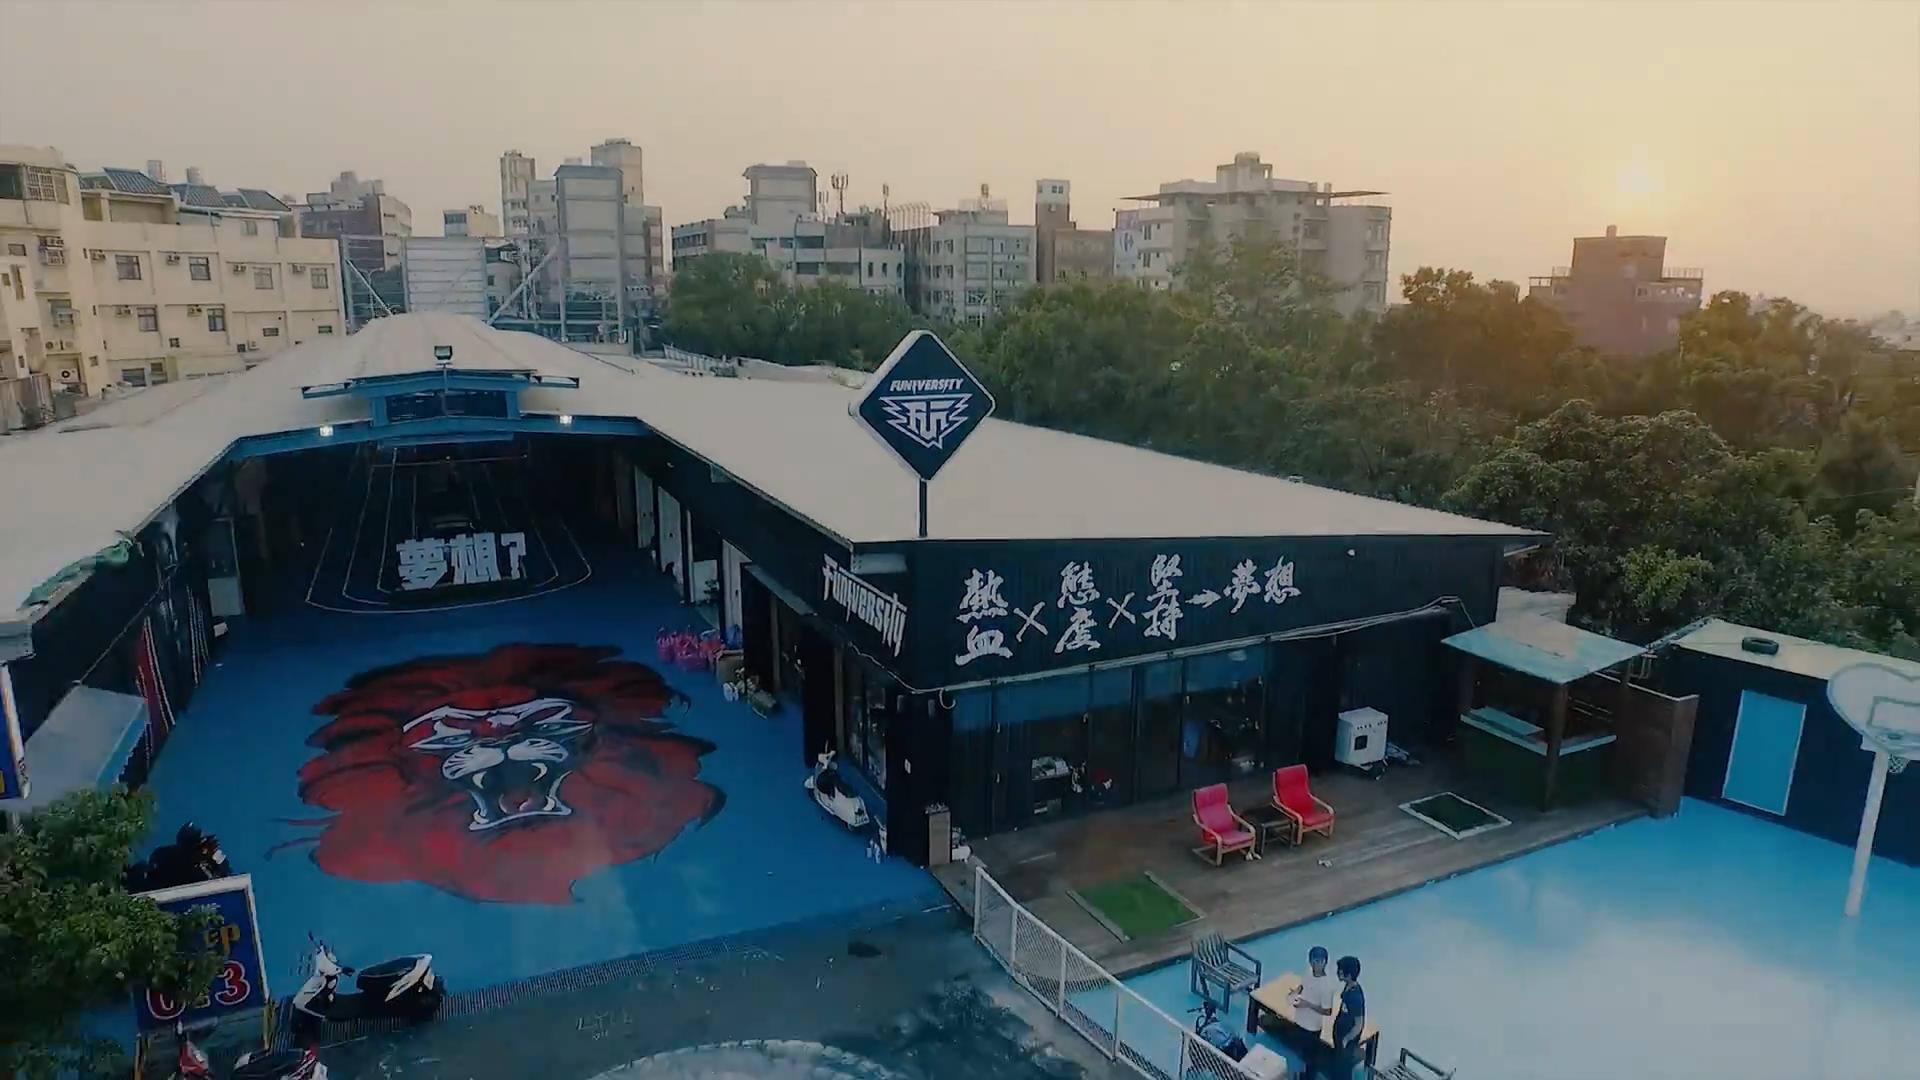 靜宜夢想街 x 玩大學 記錄廣告片